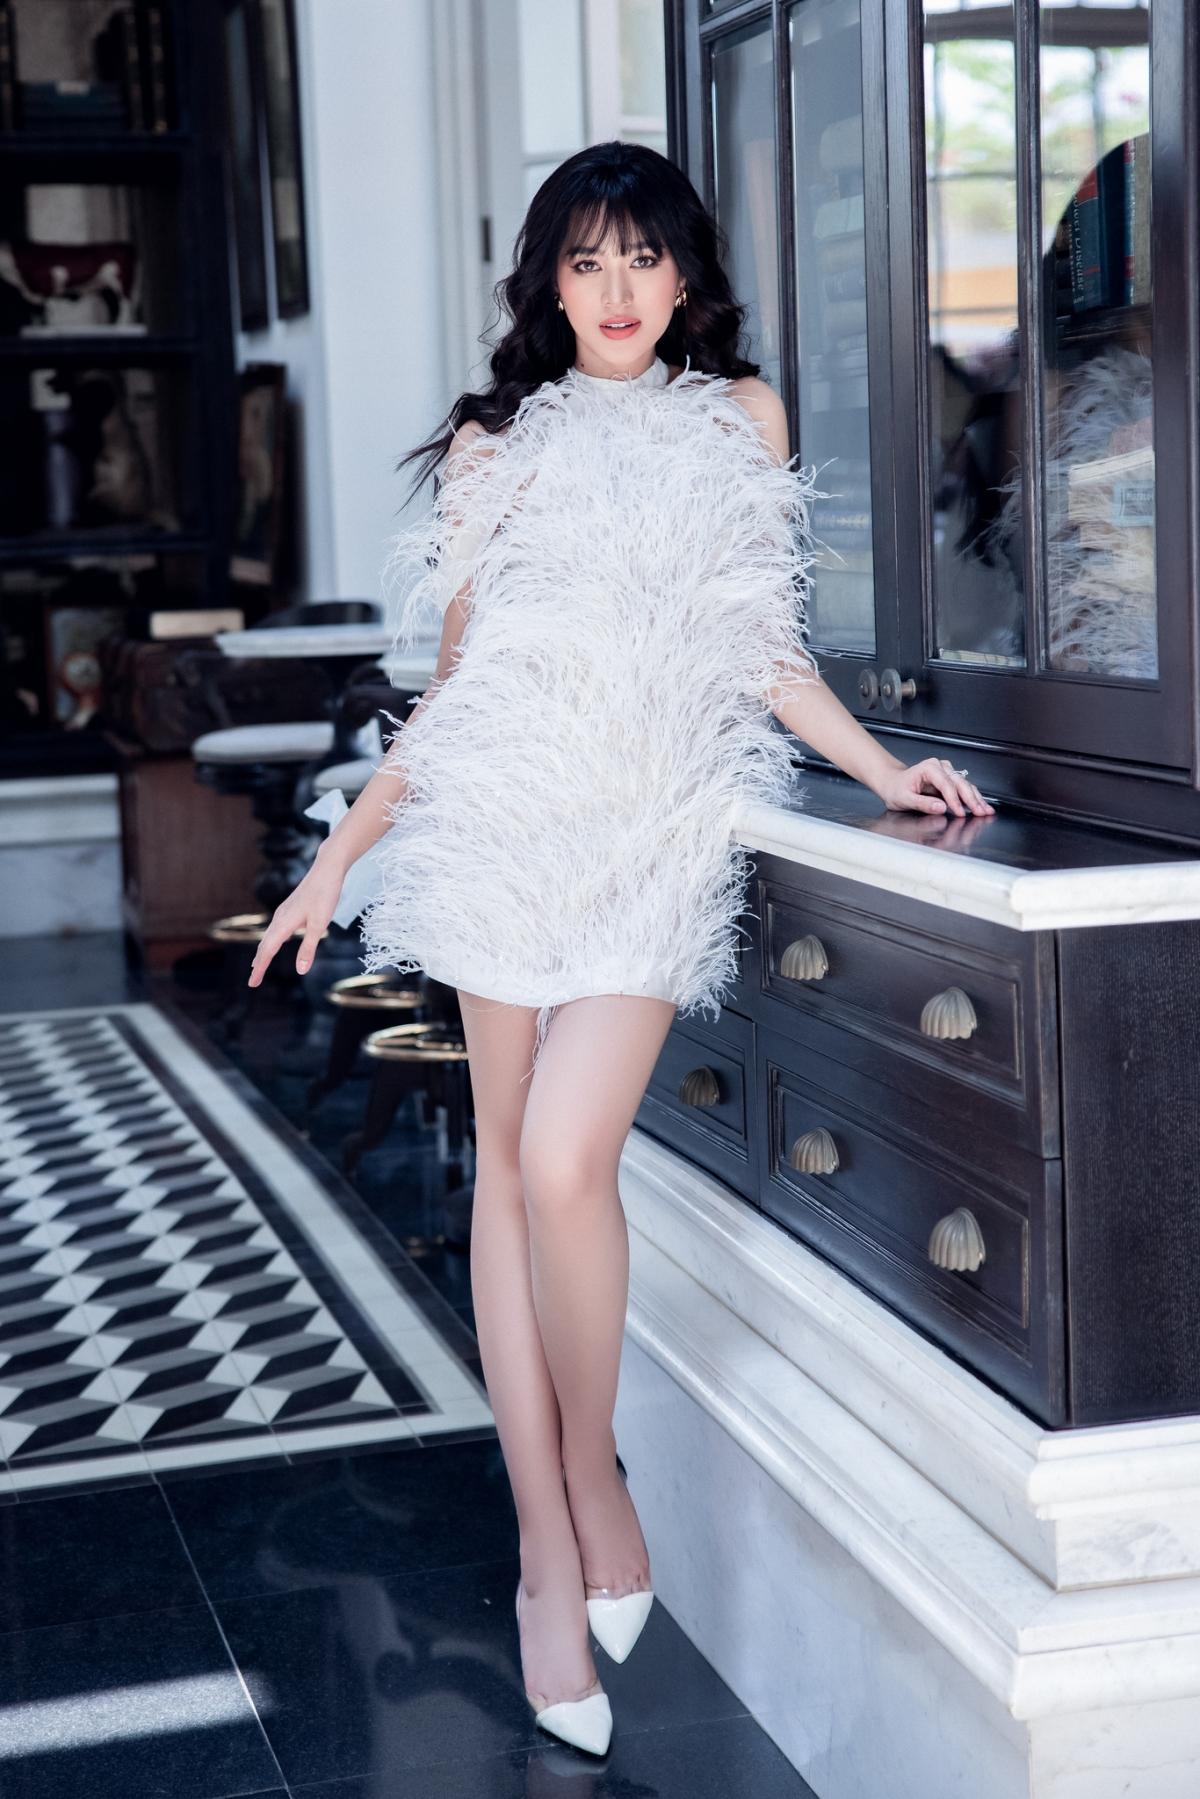 Tham gia diện trang phục của bộ sưu tập cùng với đàn chị Lương Thùy Linh lần này là Hoa hậu Việt Nam 2020 – Đỗ Thị Hà.